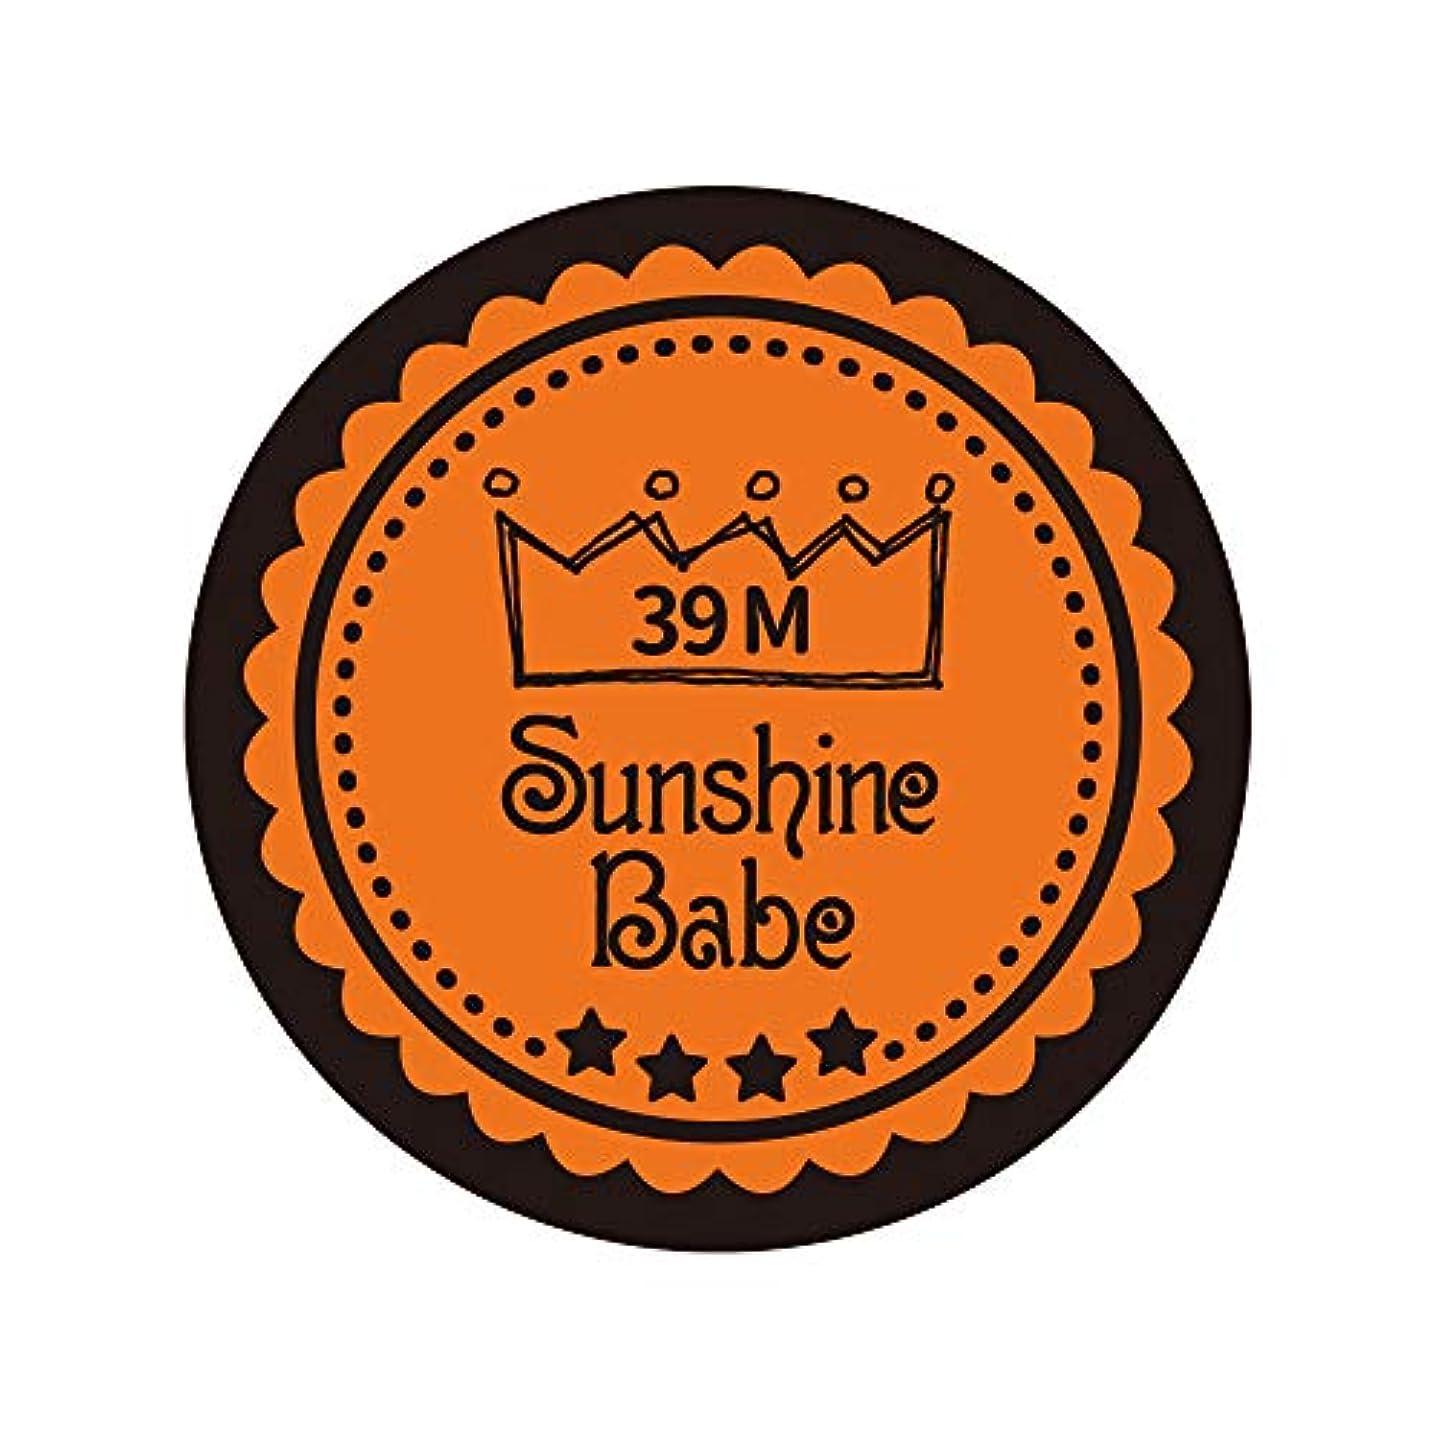 砲兵波無心Sunshine Babe カラージェル 39M ラセットオレンジ 4g UV/LED対応